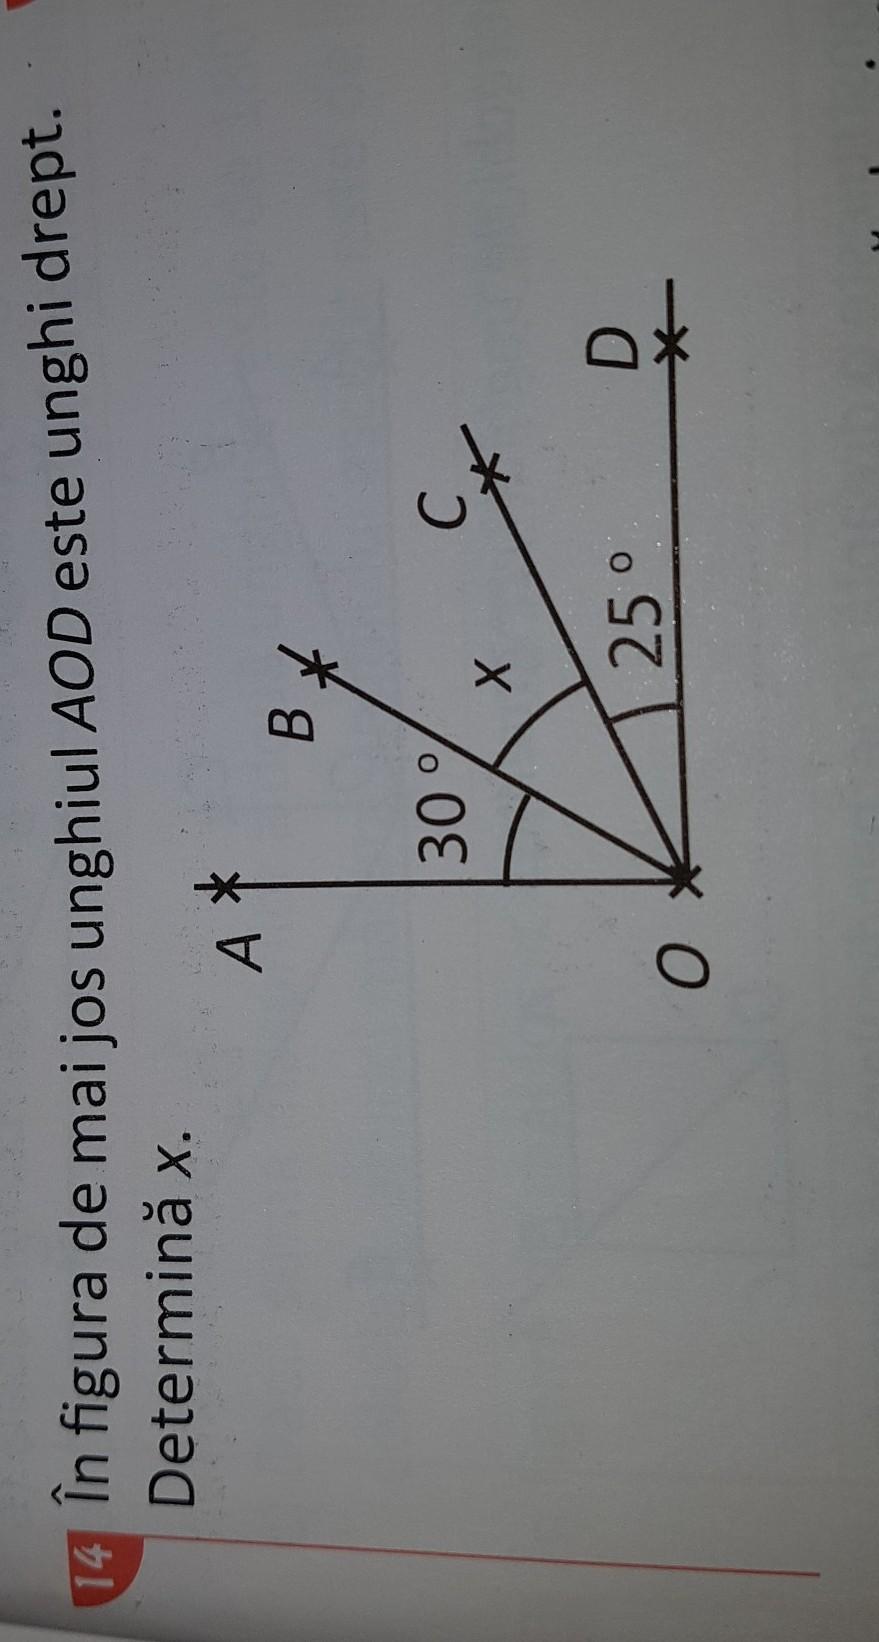 în figura de mai jos unghiul AOD este unghi drept ...